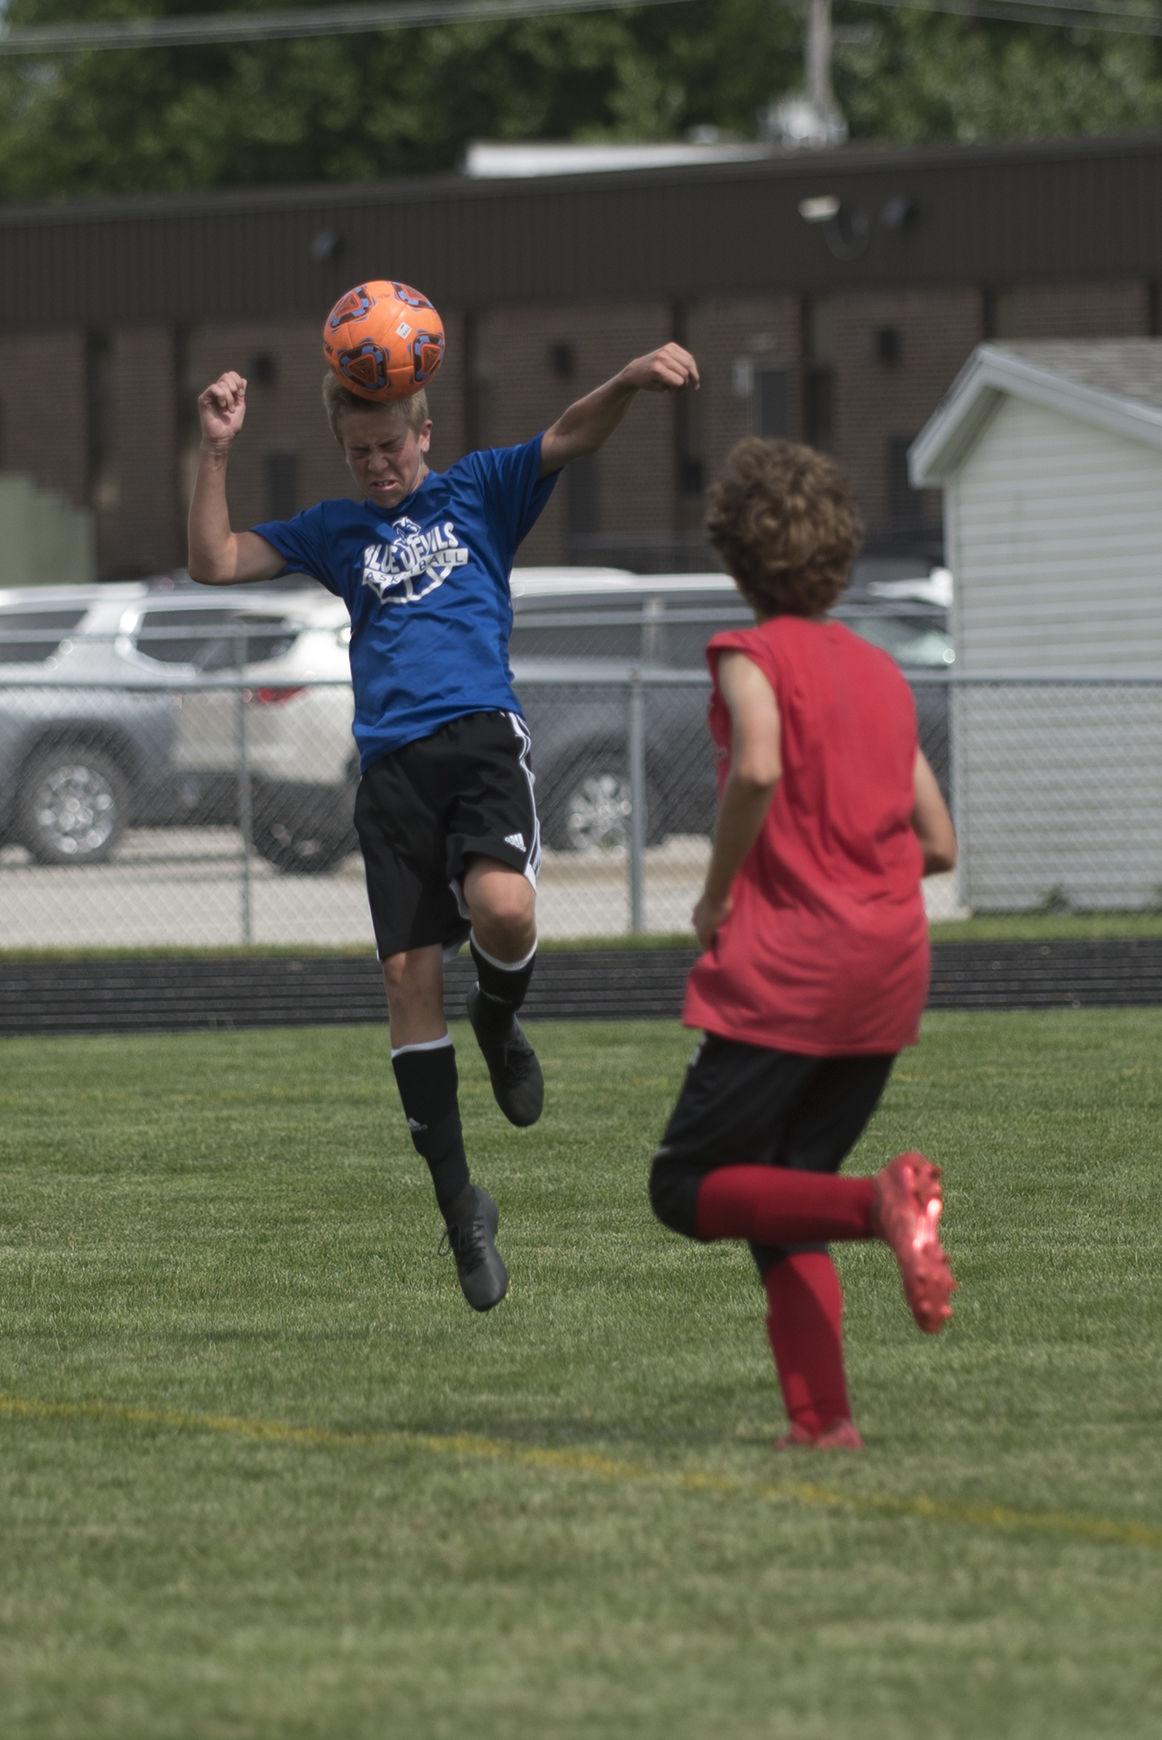 Boys summer soccer action in full swing